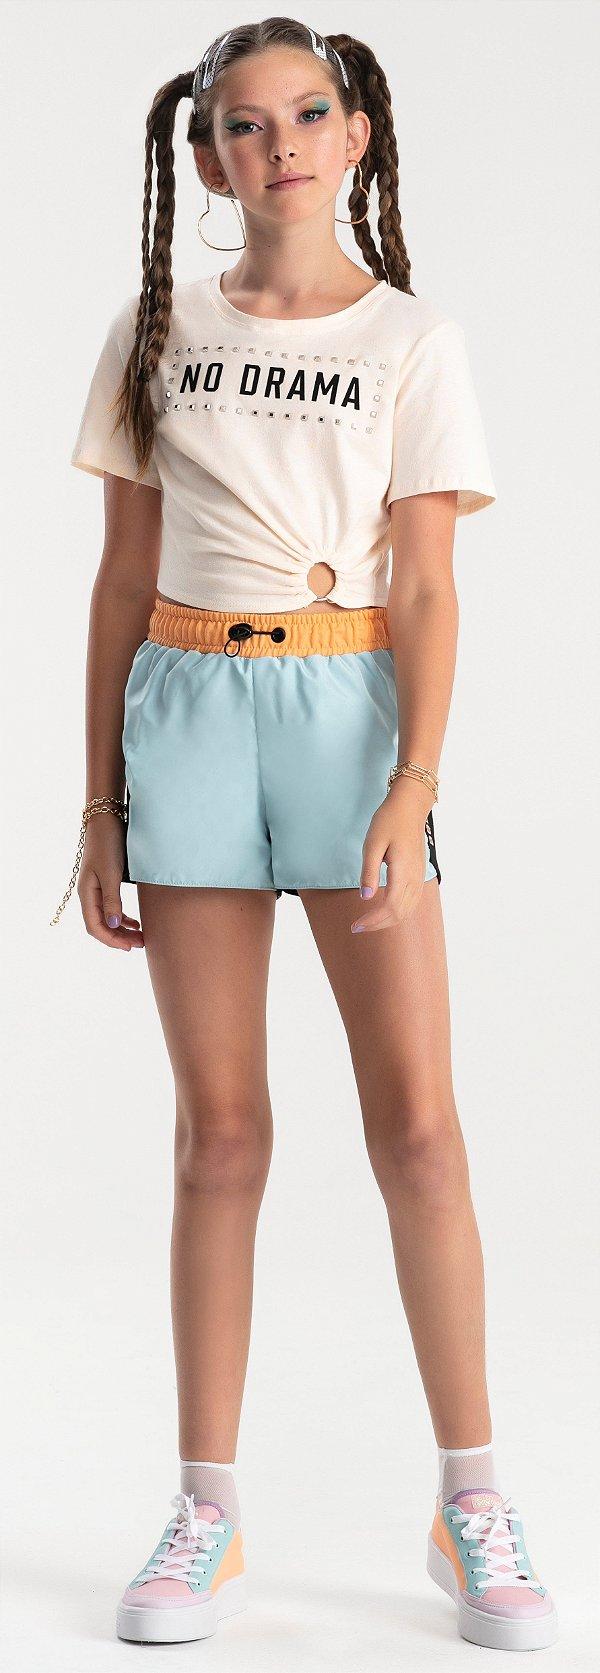 Shorts Feminino Mood Bobbylulu